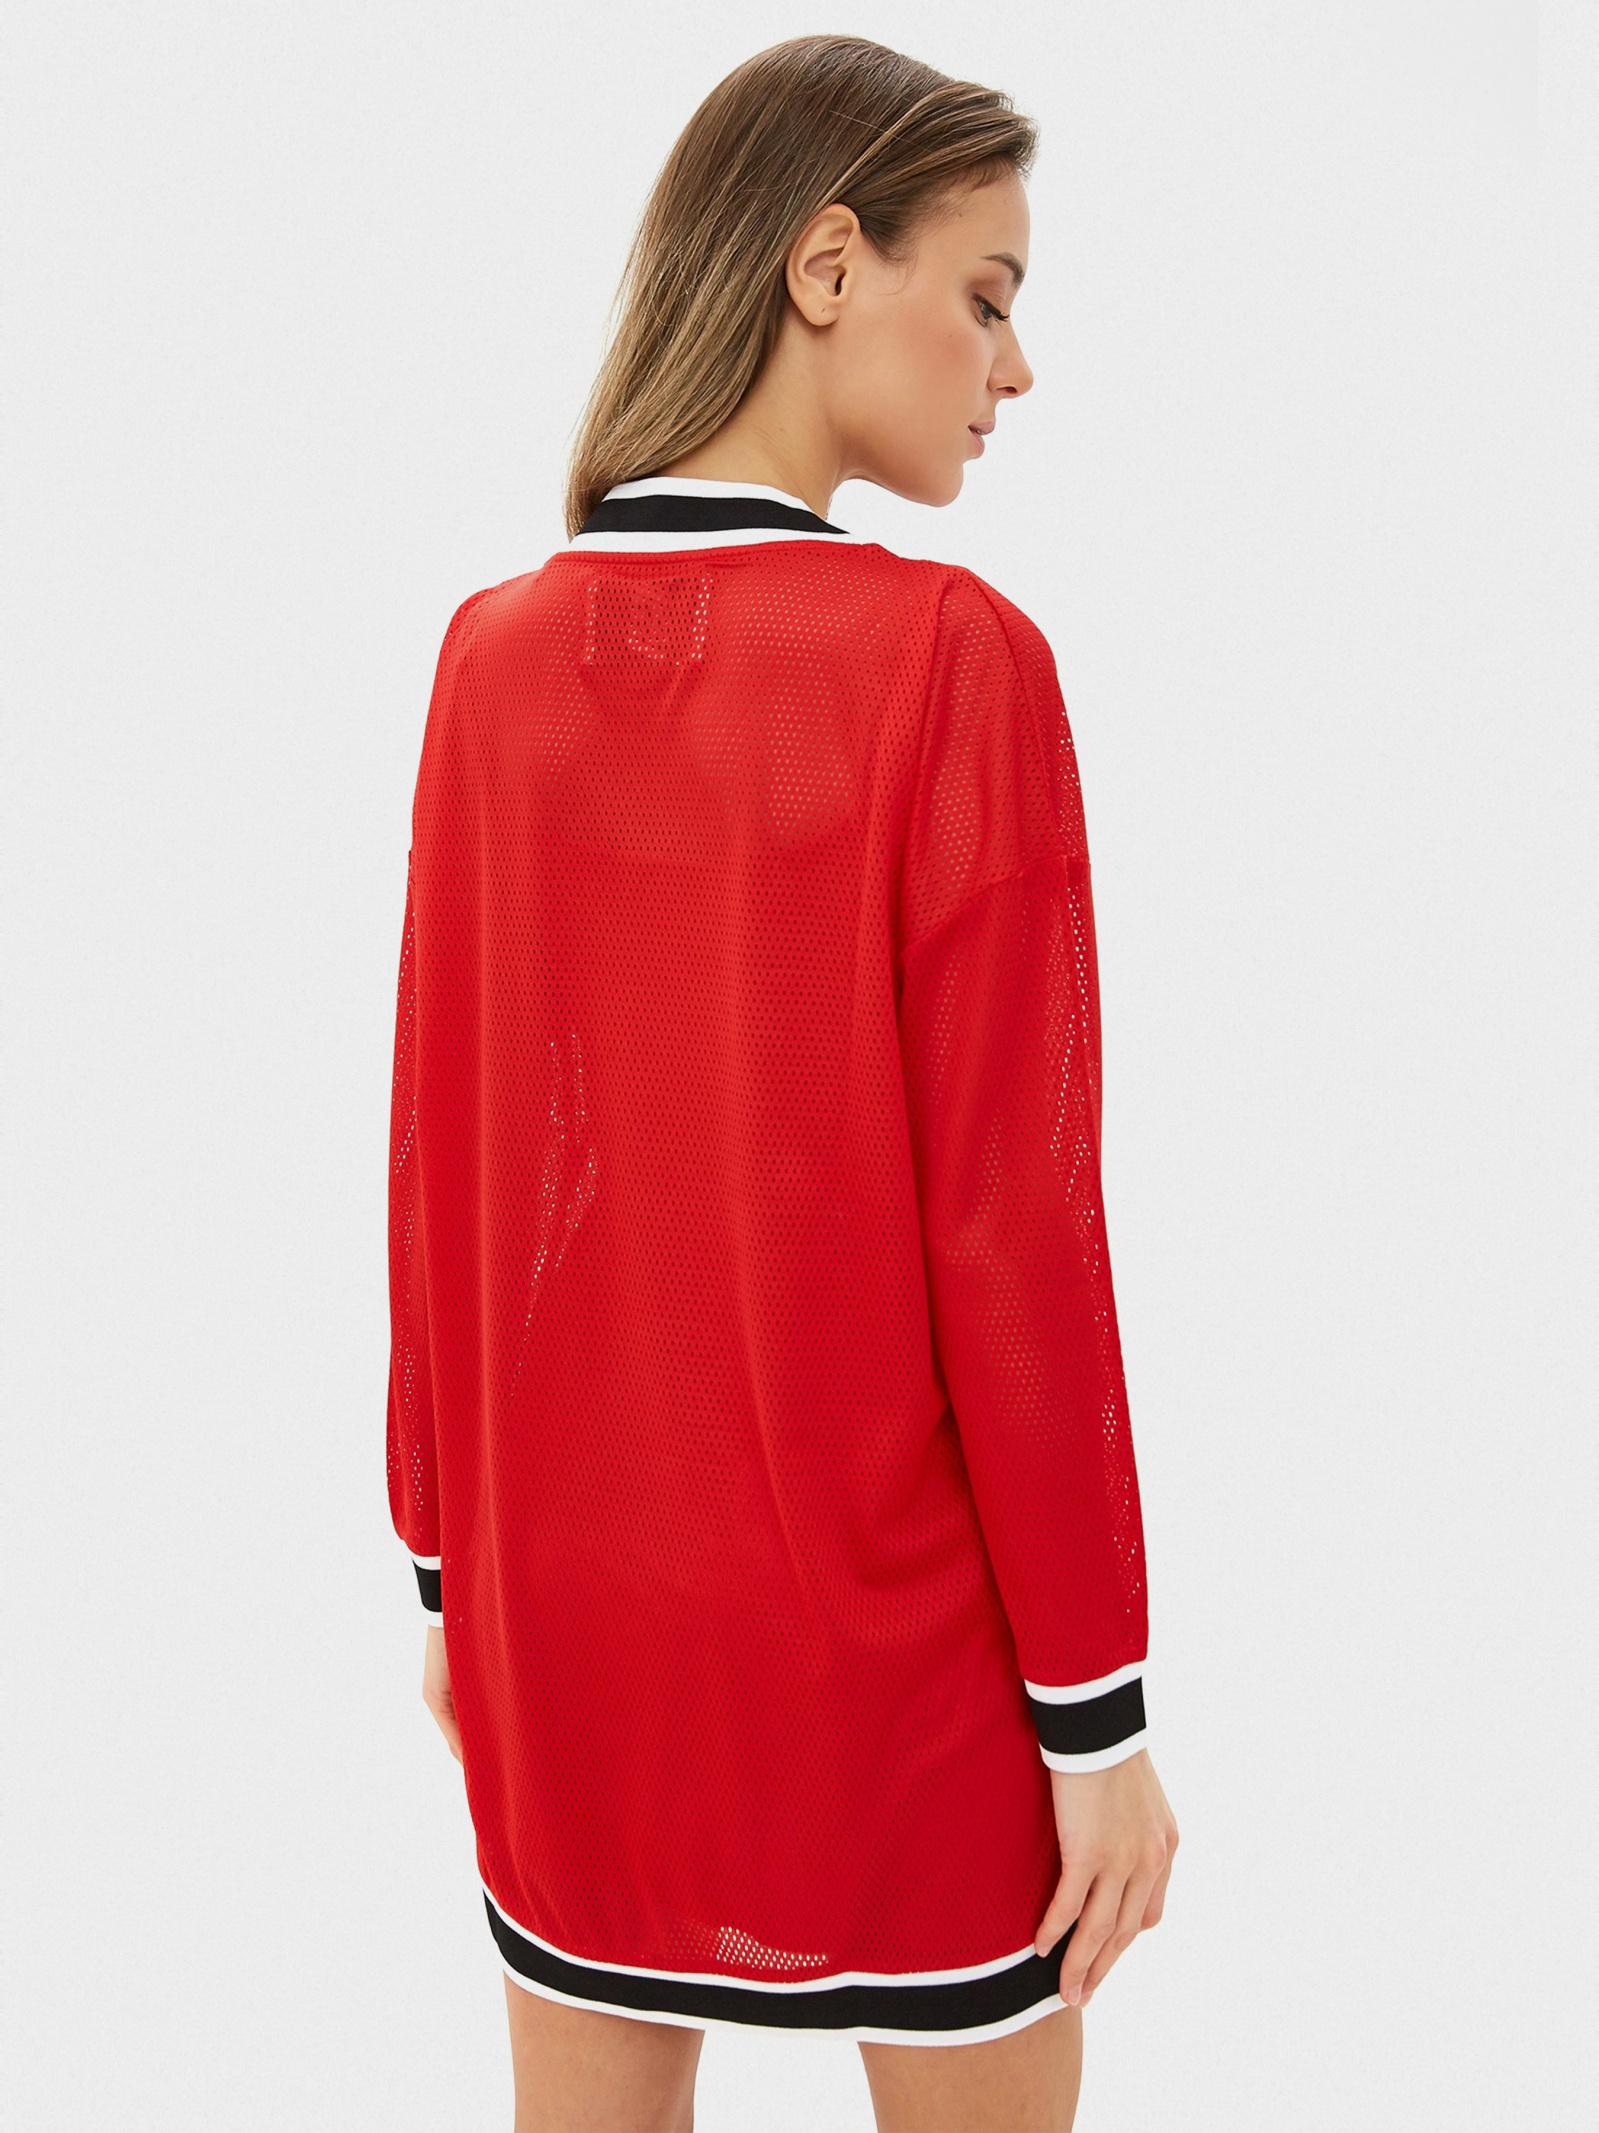 GUESS Сукня жіночі модель W01K0F-K9HG0-G6U2 відгуки, 2017